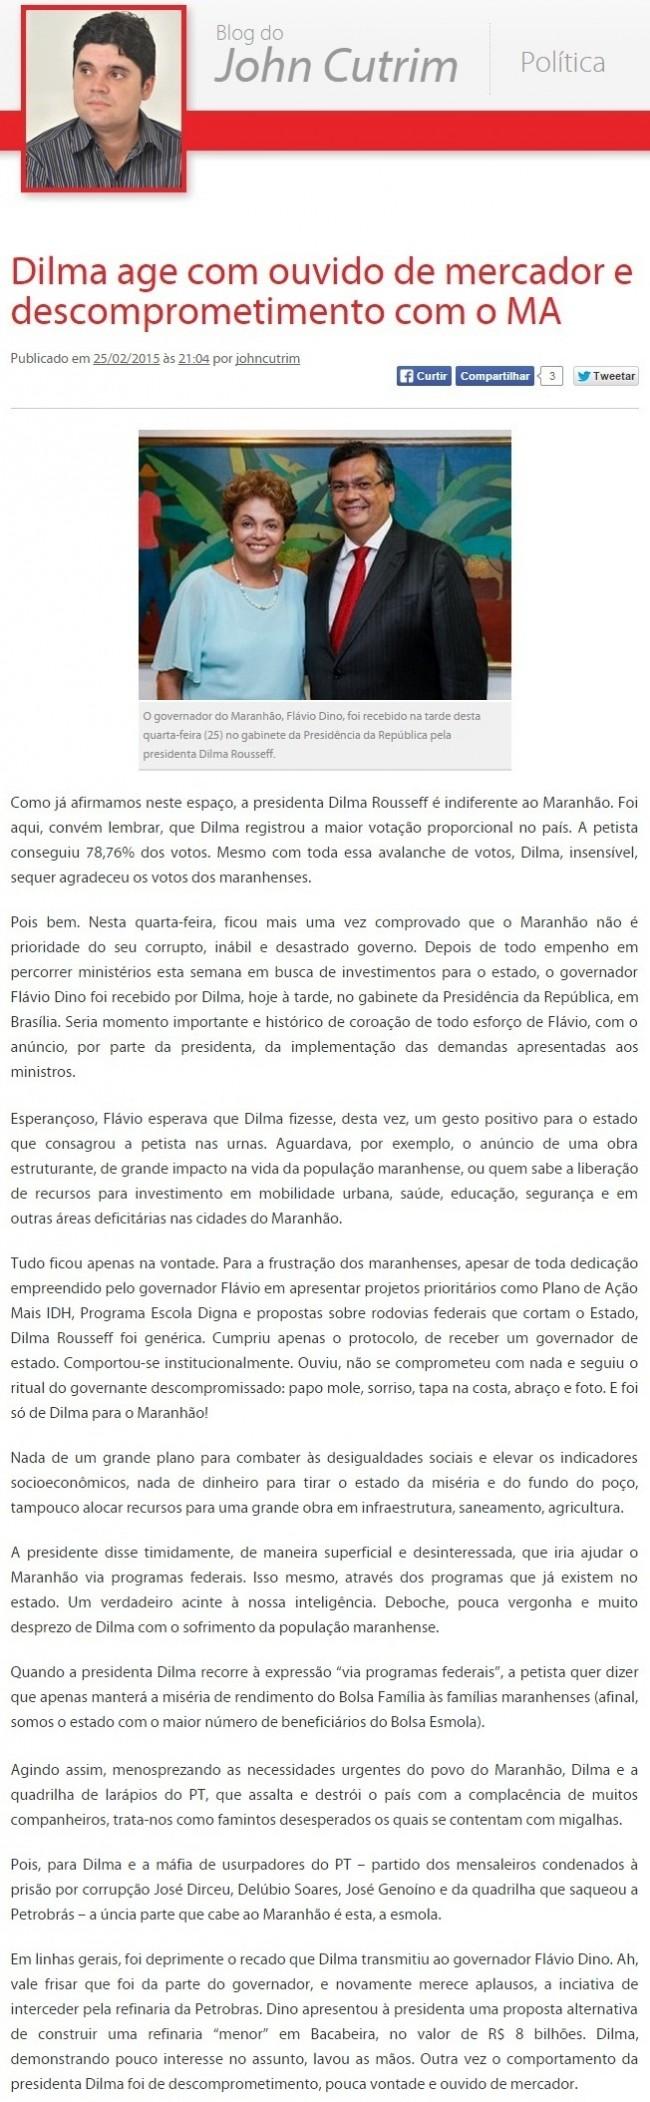 Flávio Dino - Dilma Rousseuff